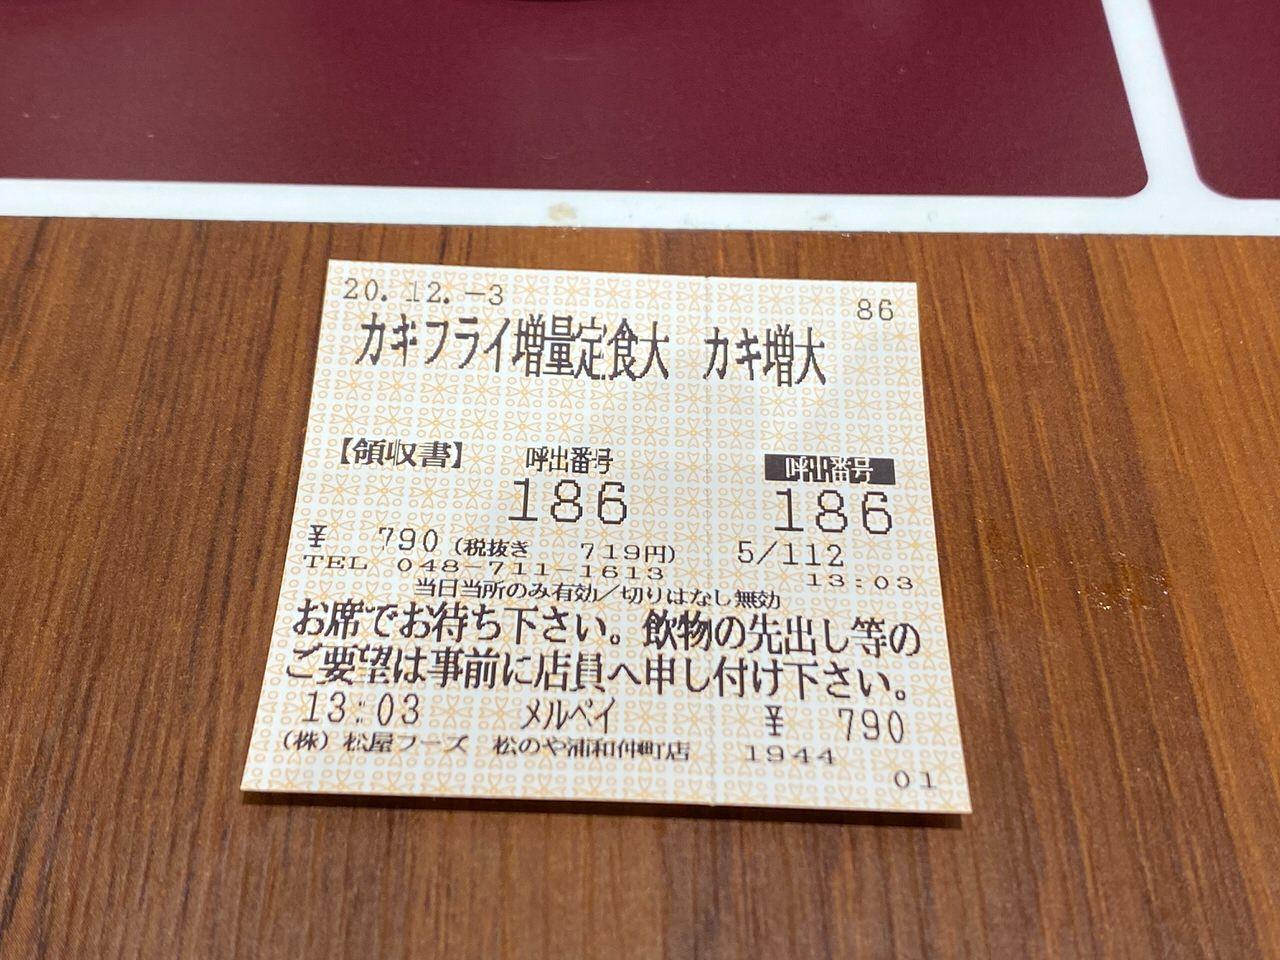 松のや カキフライ 増量キャンペーン 202012 1